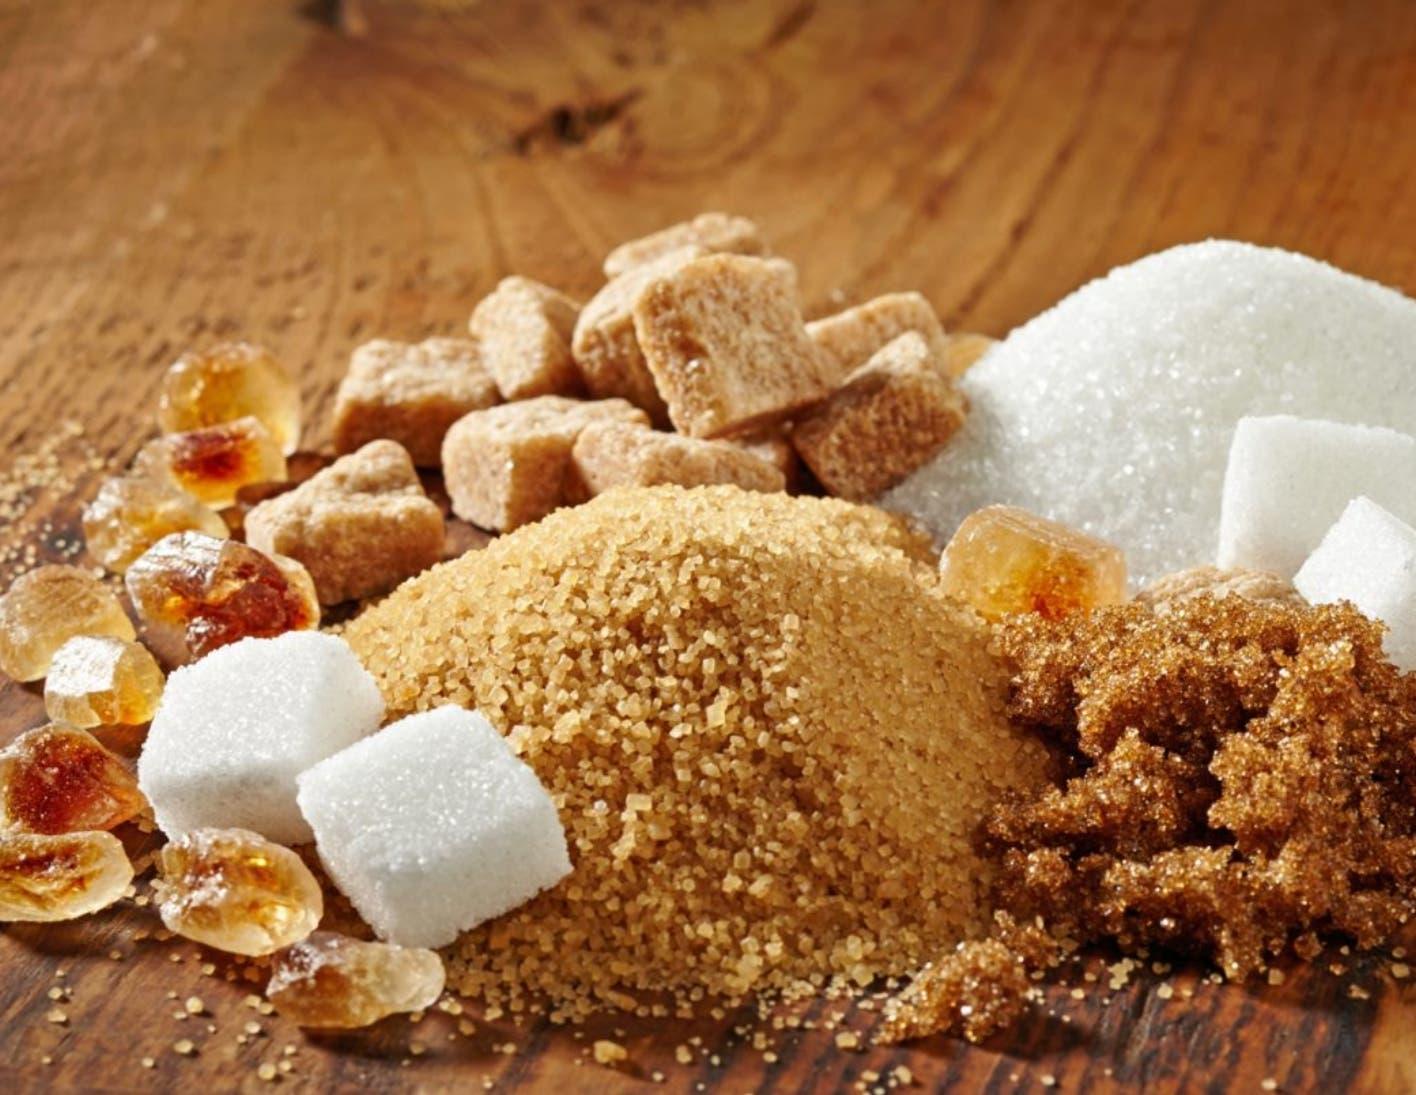 Inazucar asegura que es falso  aumento de precio del azúcar